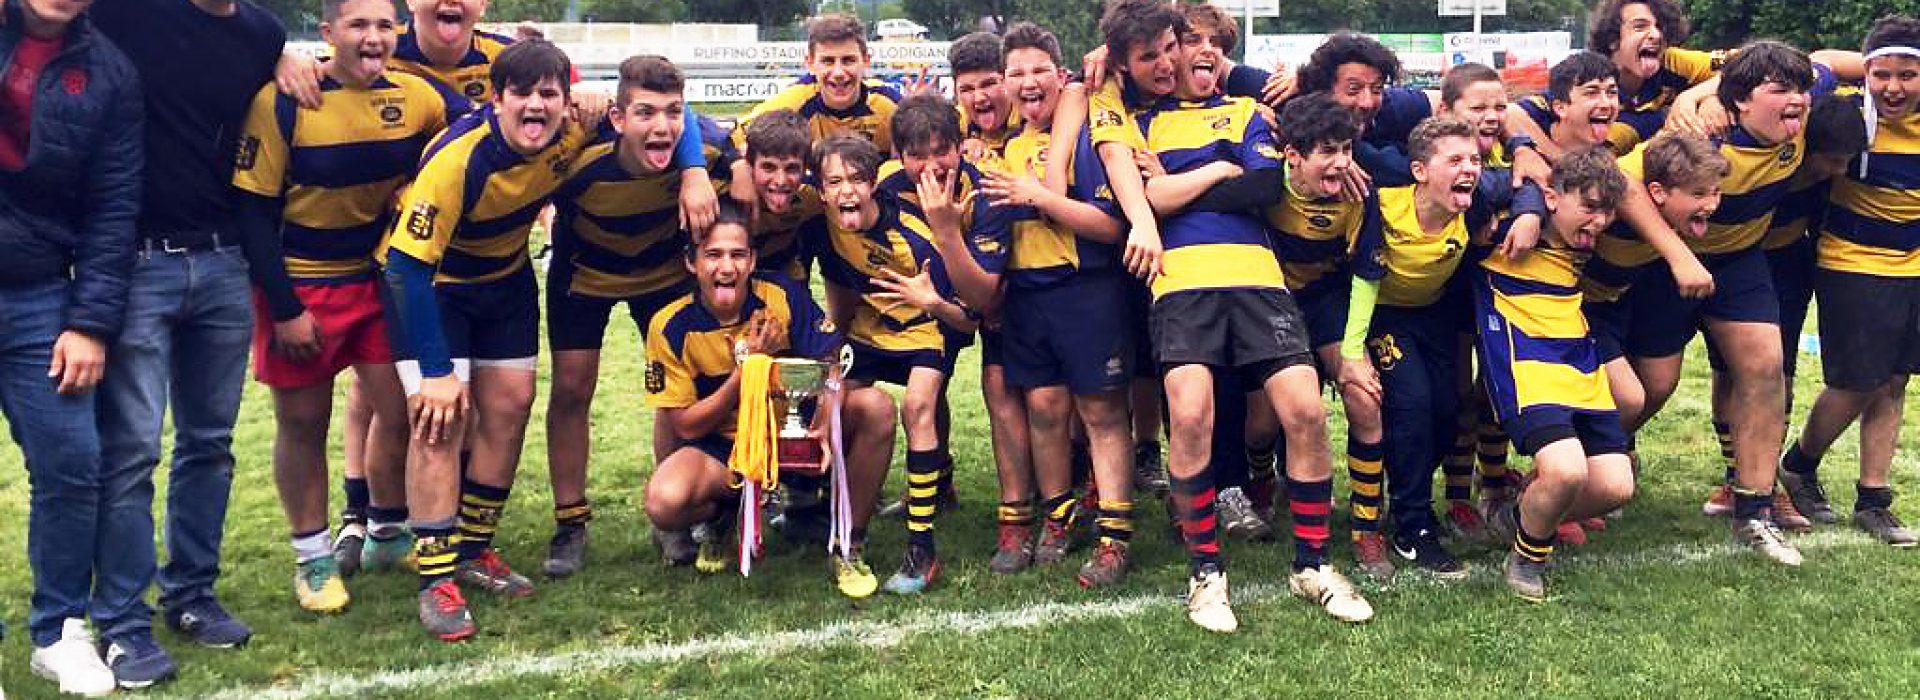 Al Reno Bologna il Trofeo Toscana Aeroporti del 19° Torneo Città di Firenze Under 14